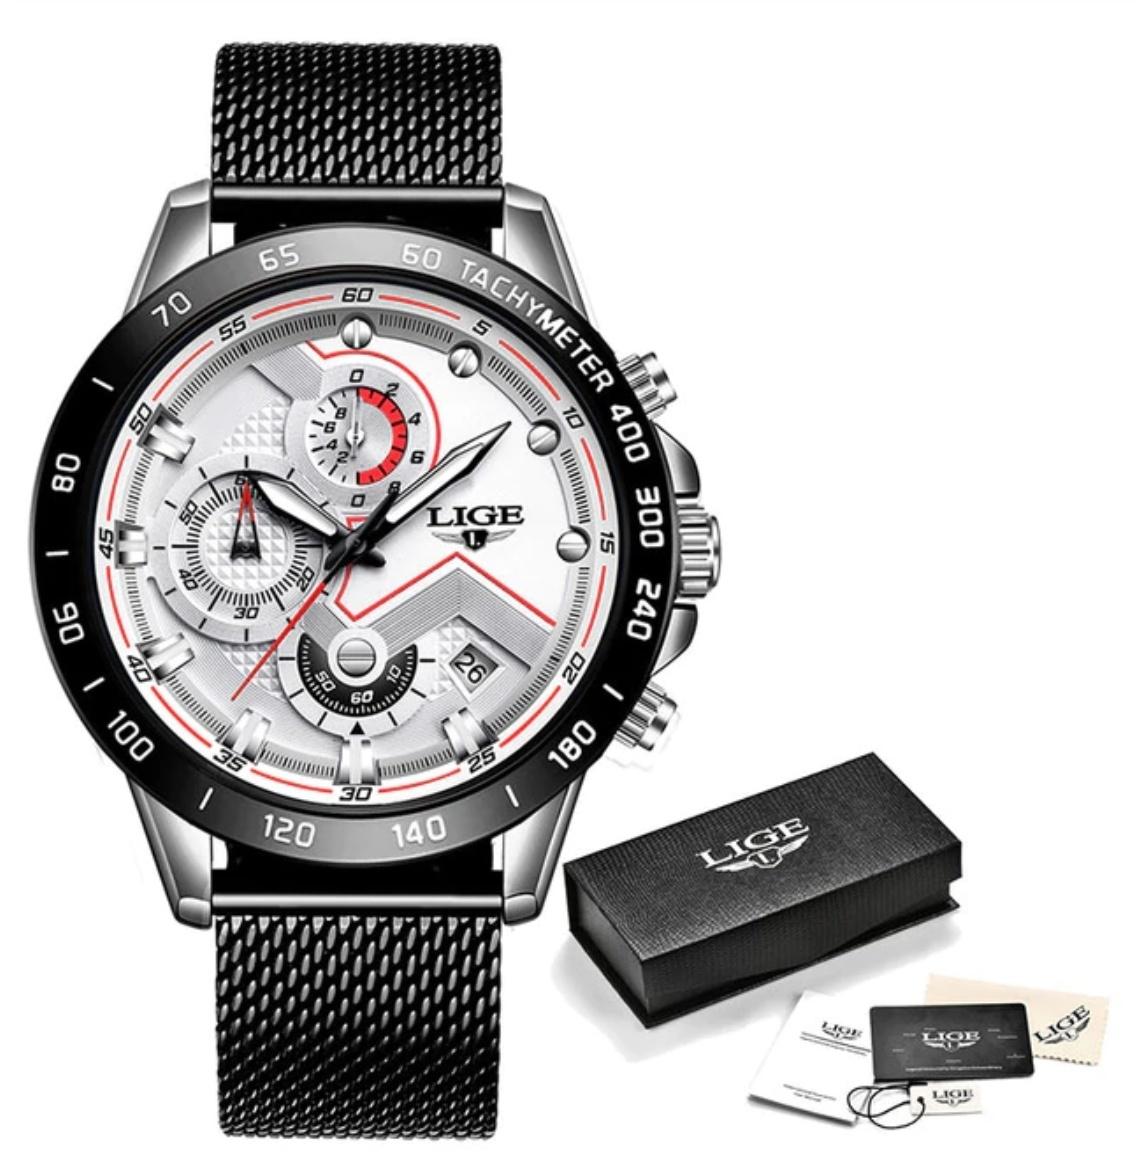 Quartz Horloge - Anoloog Luxe Uurwerk voor Heren - Roestvrij staal - Zwart-Wit